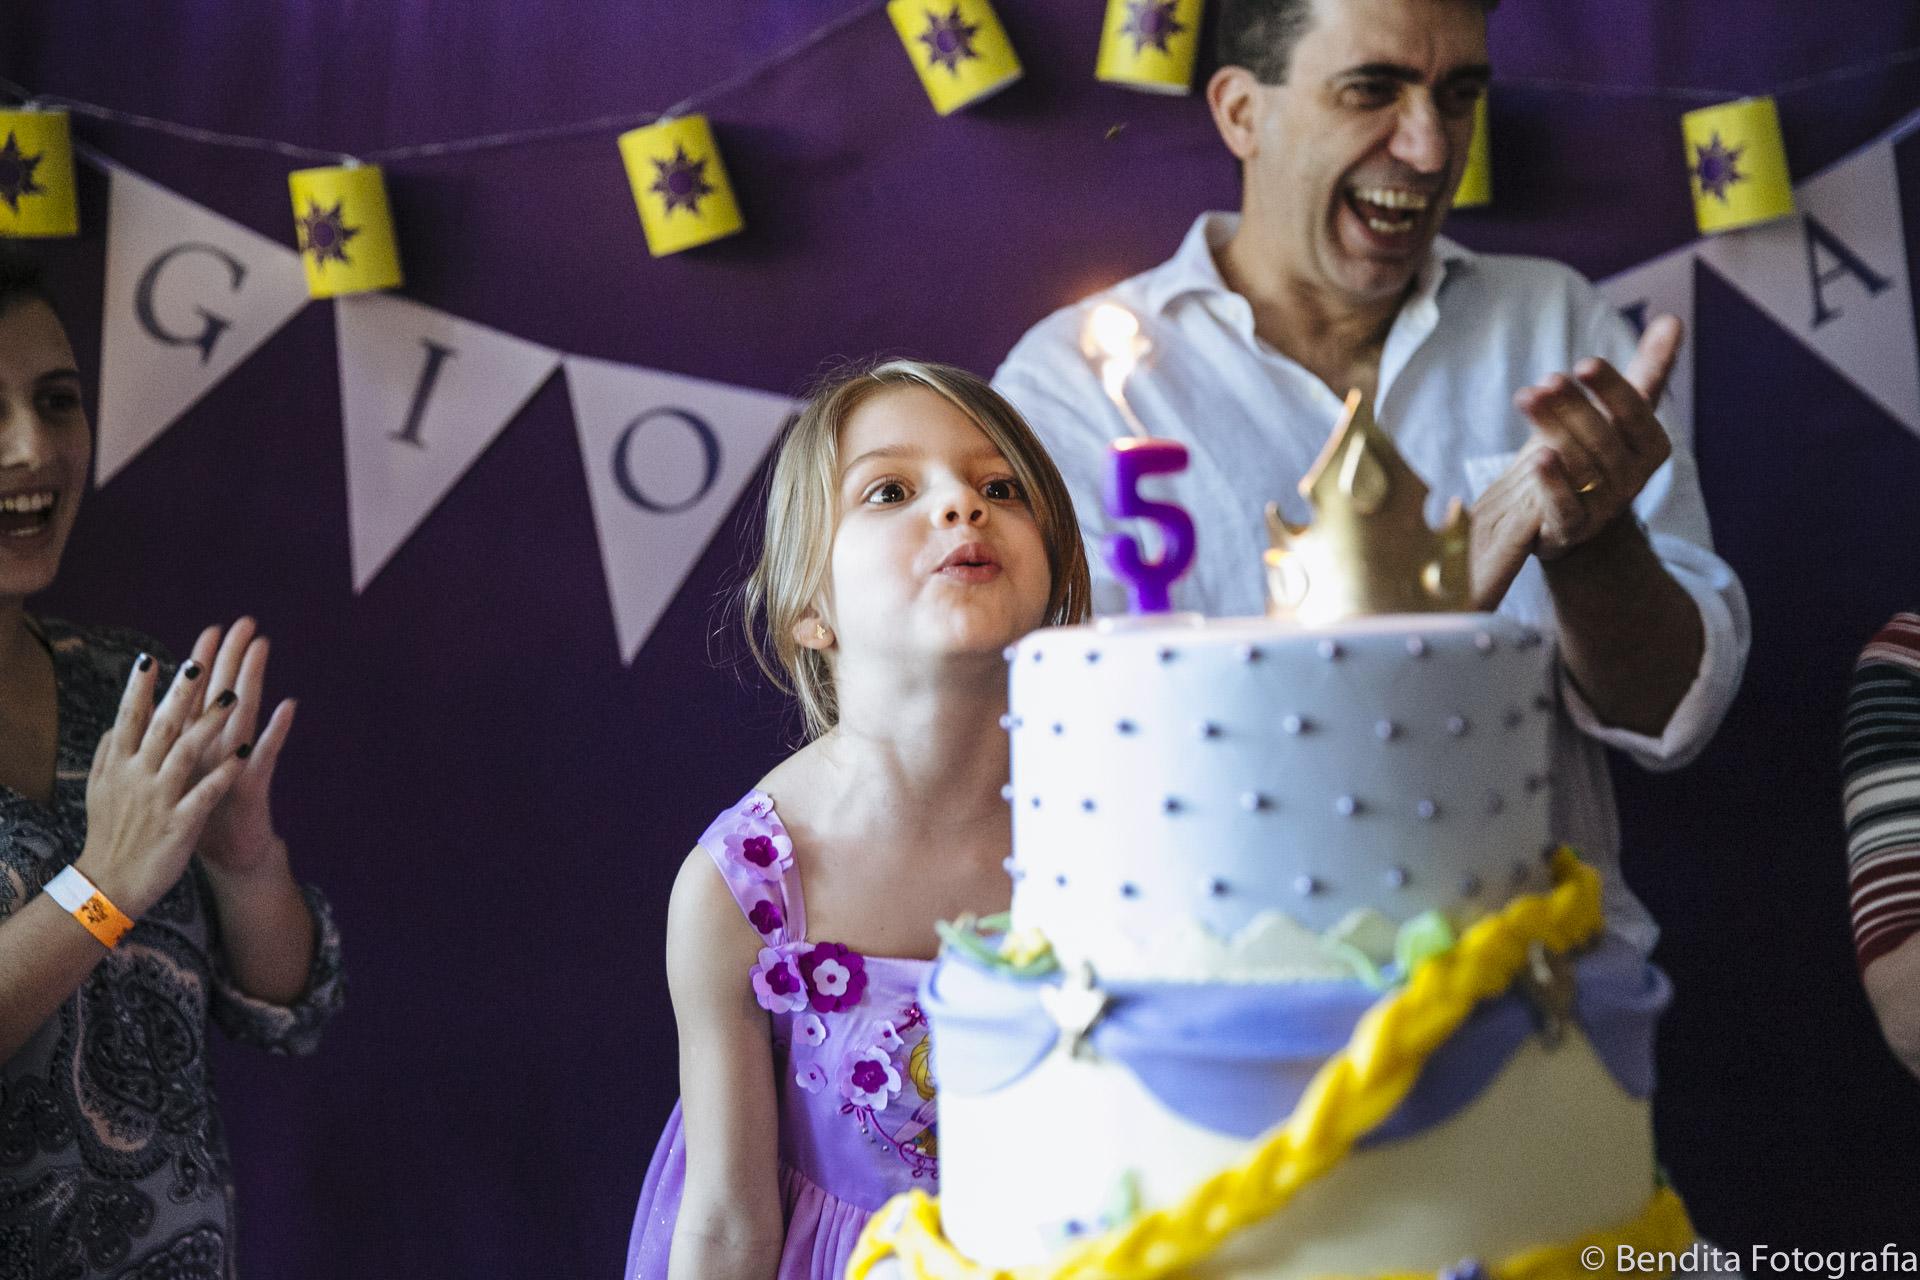 fotos de aniversario infantil, fotos de aniversario, festa infantil, cia dos bichos, aniversario de menina